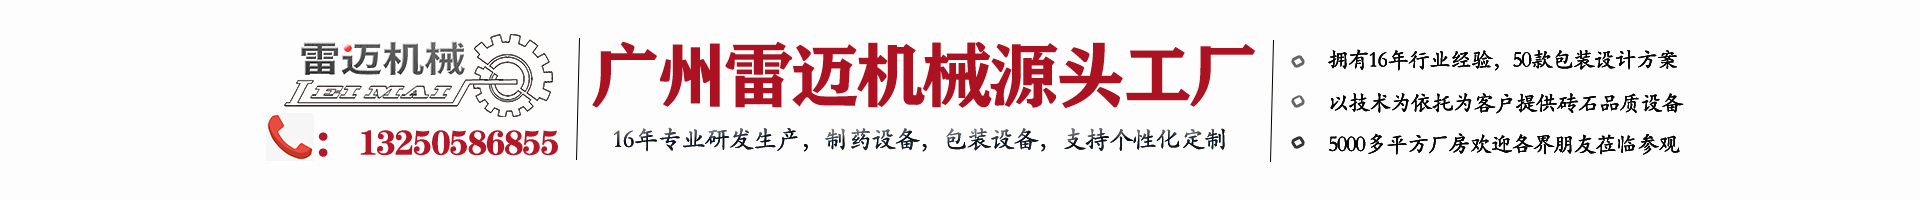 廣州雷邁機械設備有限公司